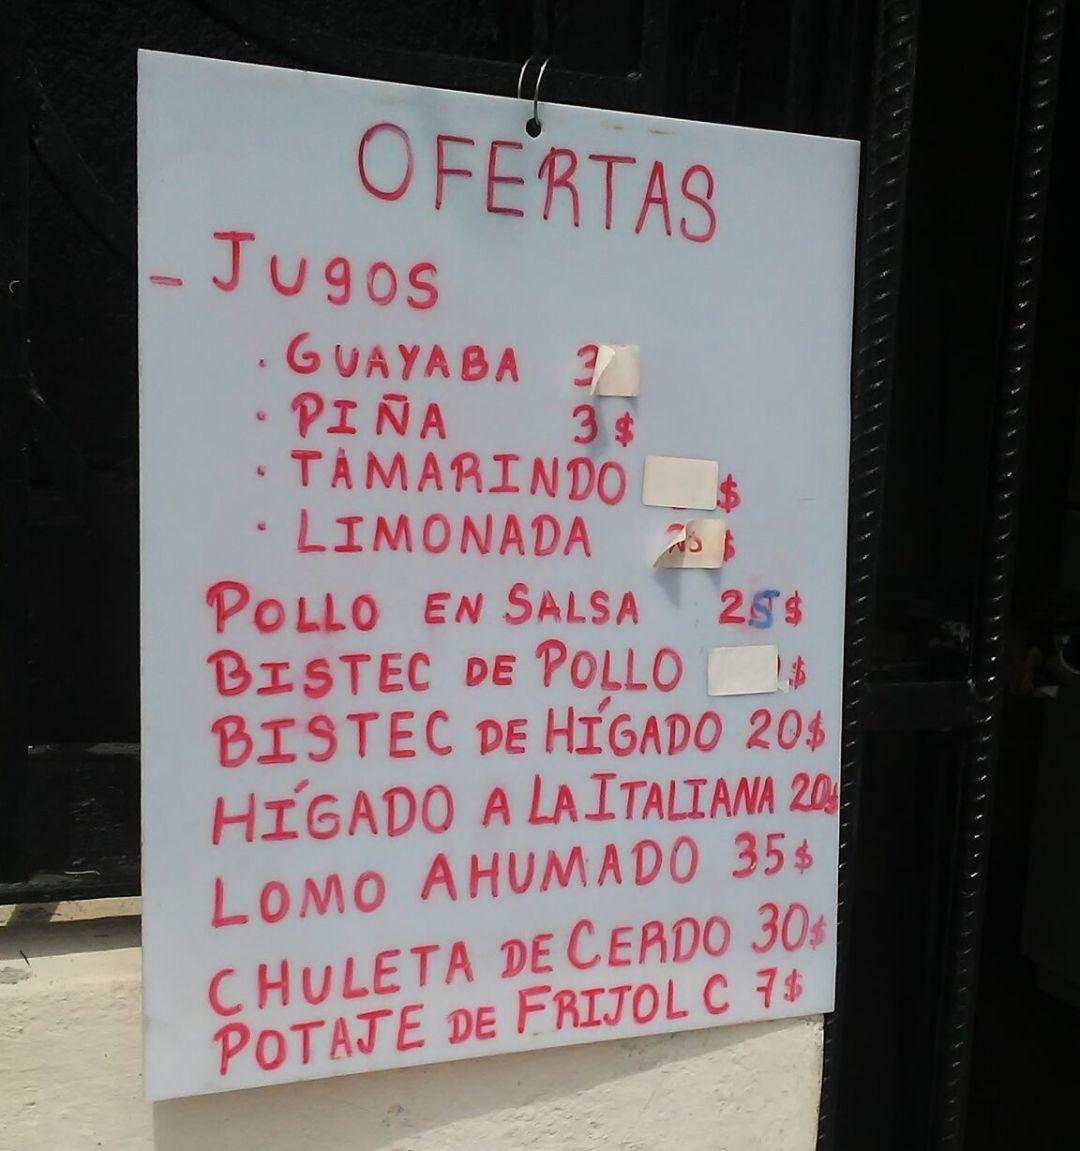 Havana1 kpfozj